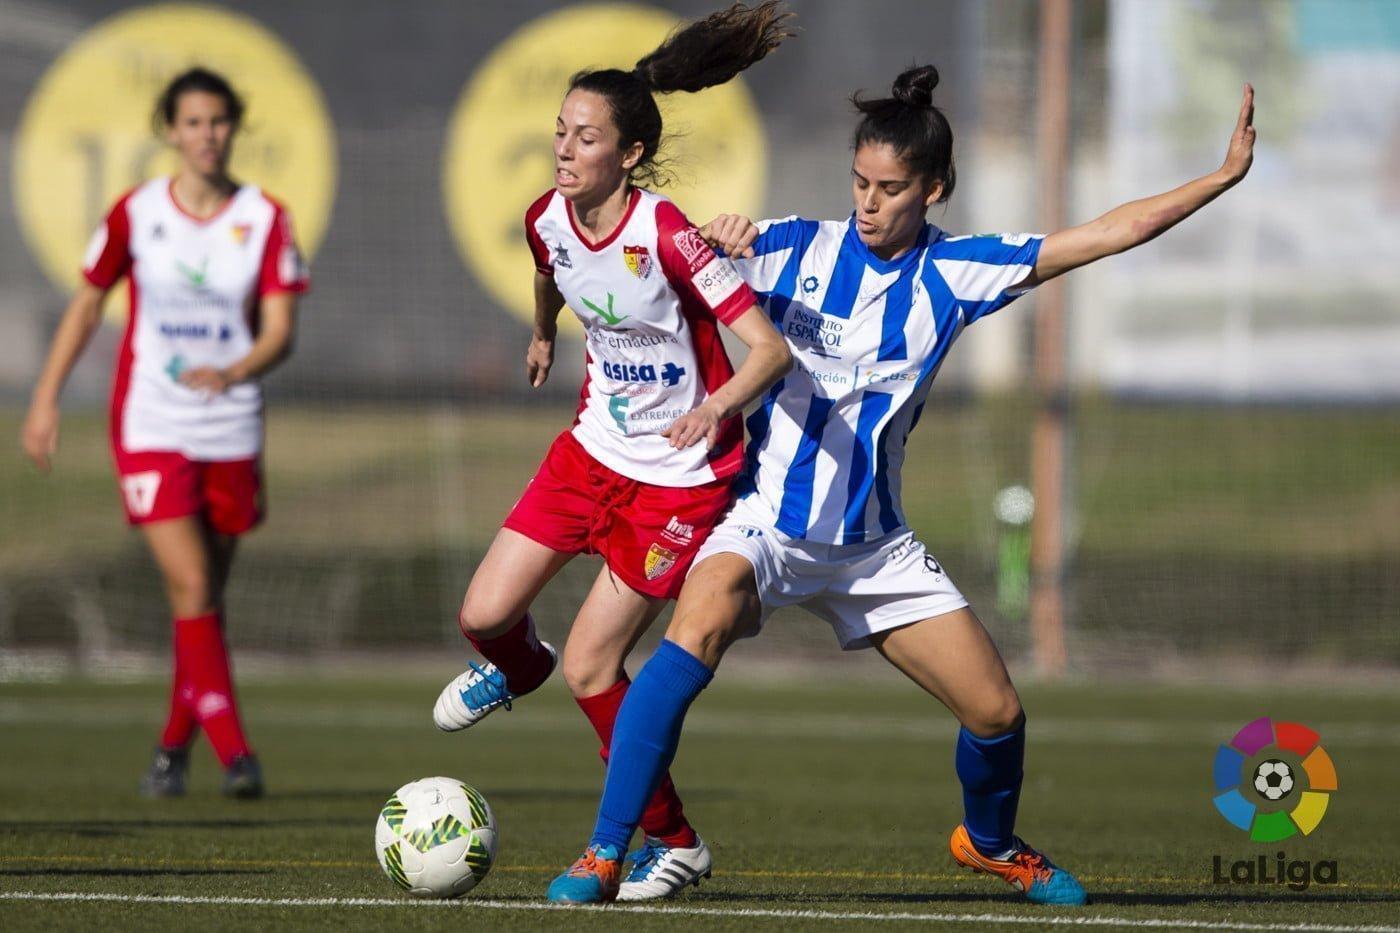 Al final, el Santa Teresa extremeño se llevó la victoria por un gol a cero ante el Sporting.